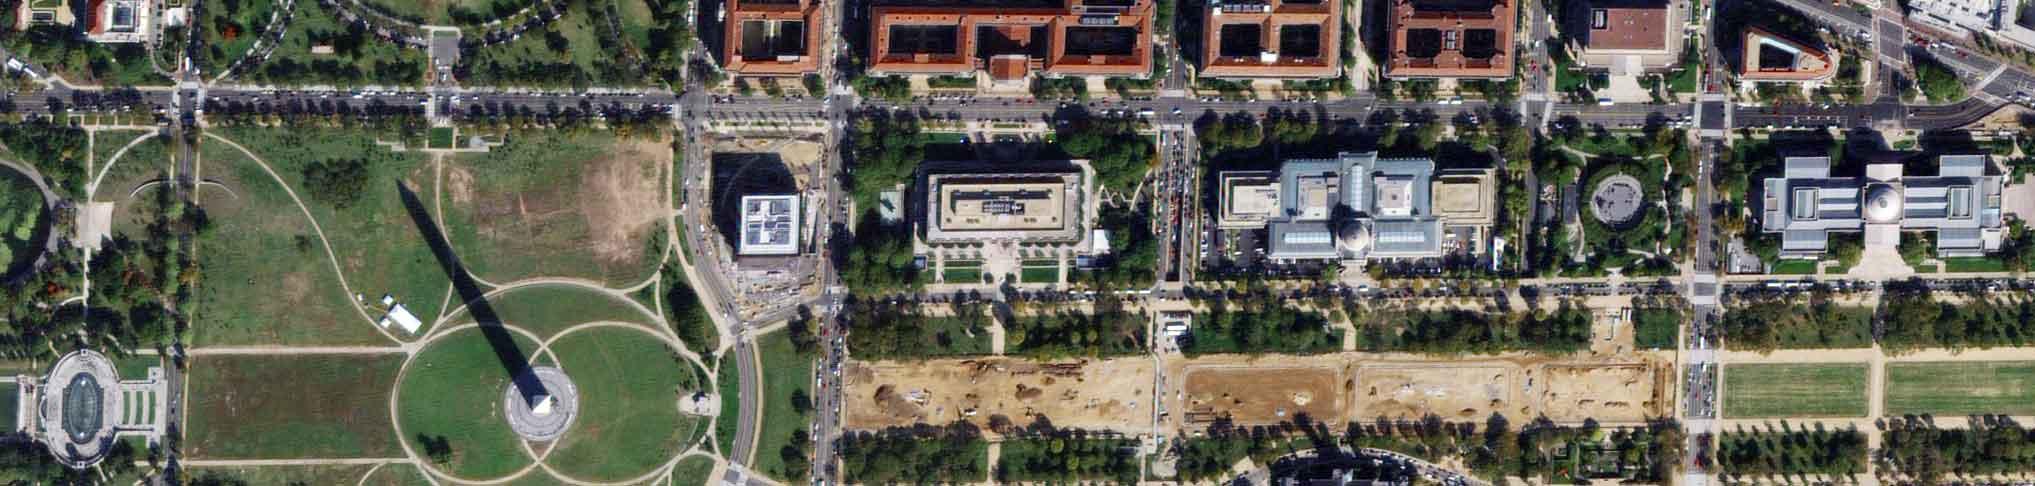 تصاویر ماهواره ای TripleSat-دانلود-ماهواره ای-رزولوشن-بسیاربالا